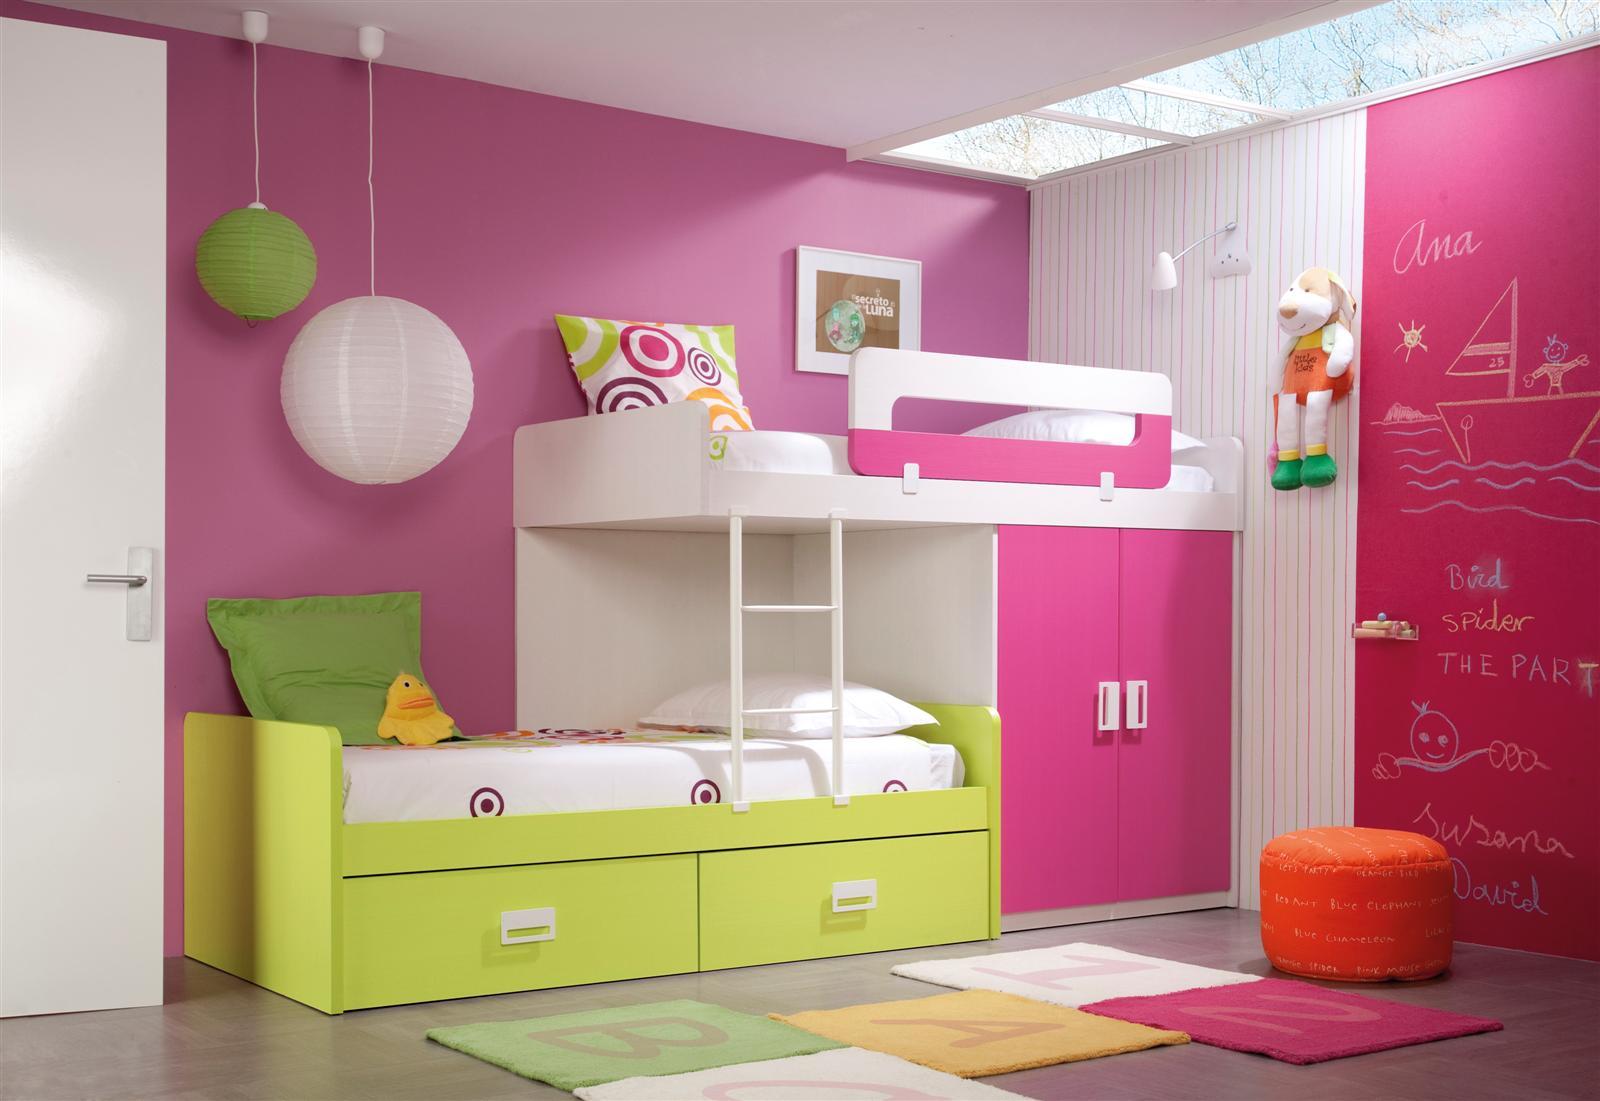 Psicolog a del color para decorar habitaciones infantiles - Silestone morado ...